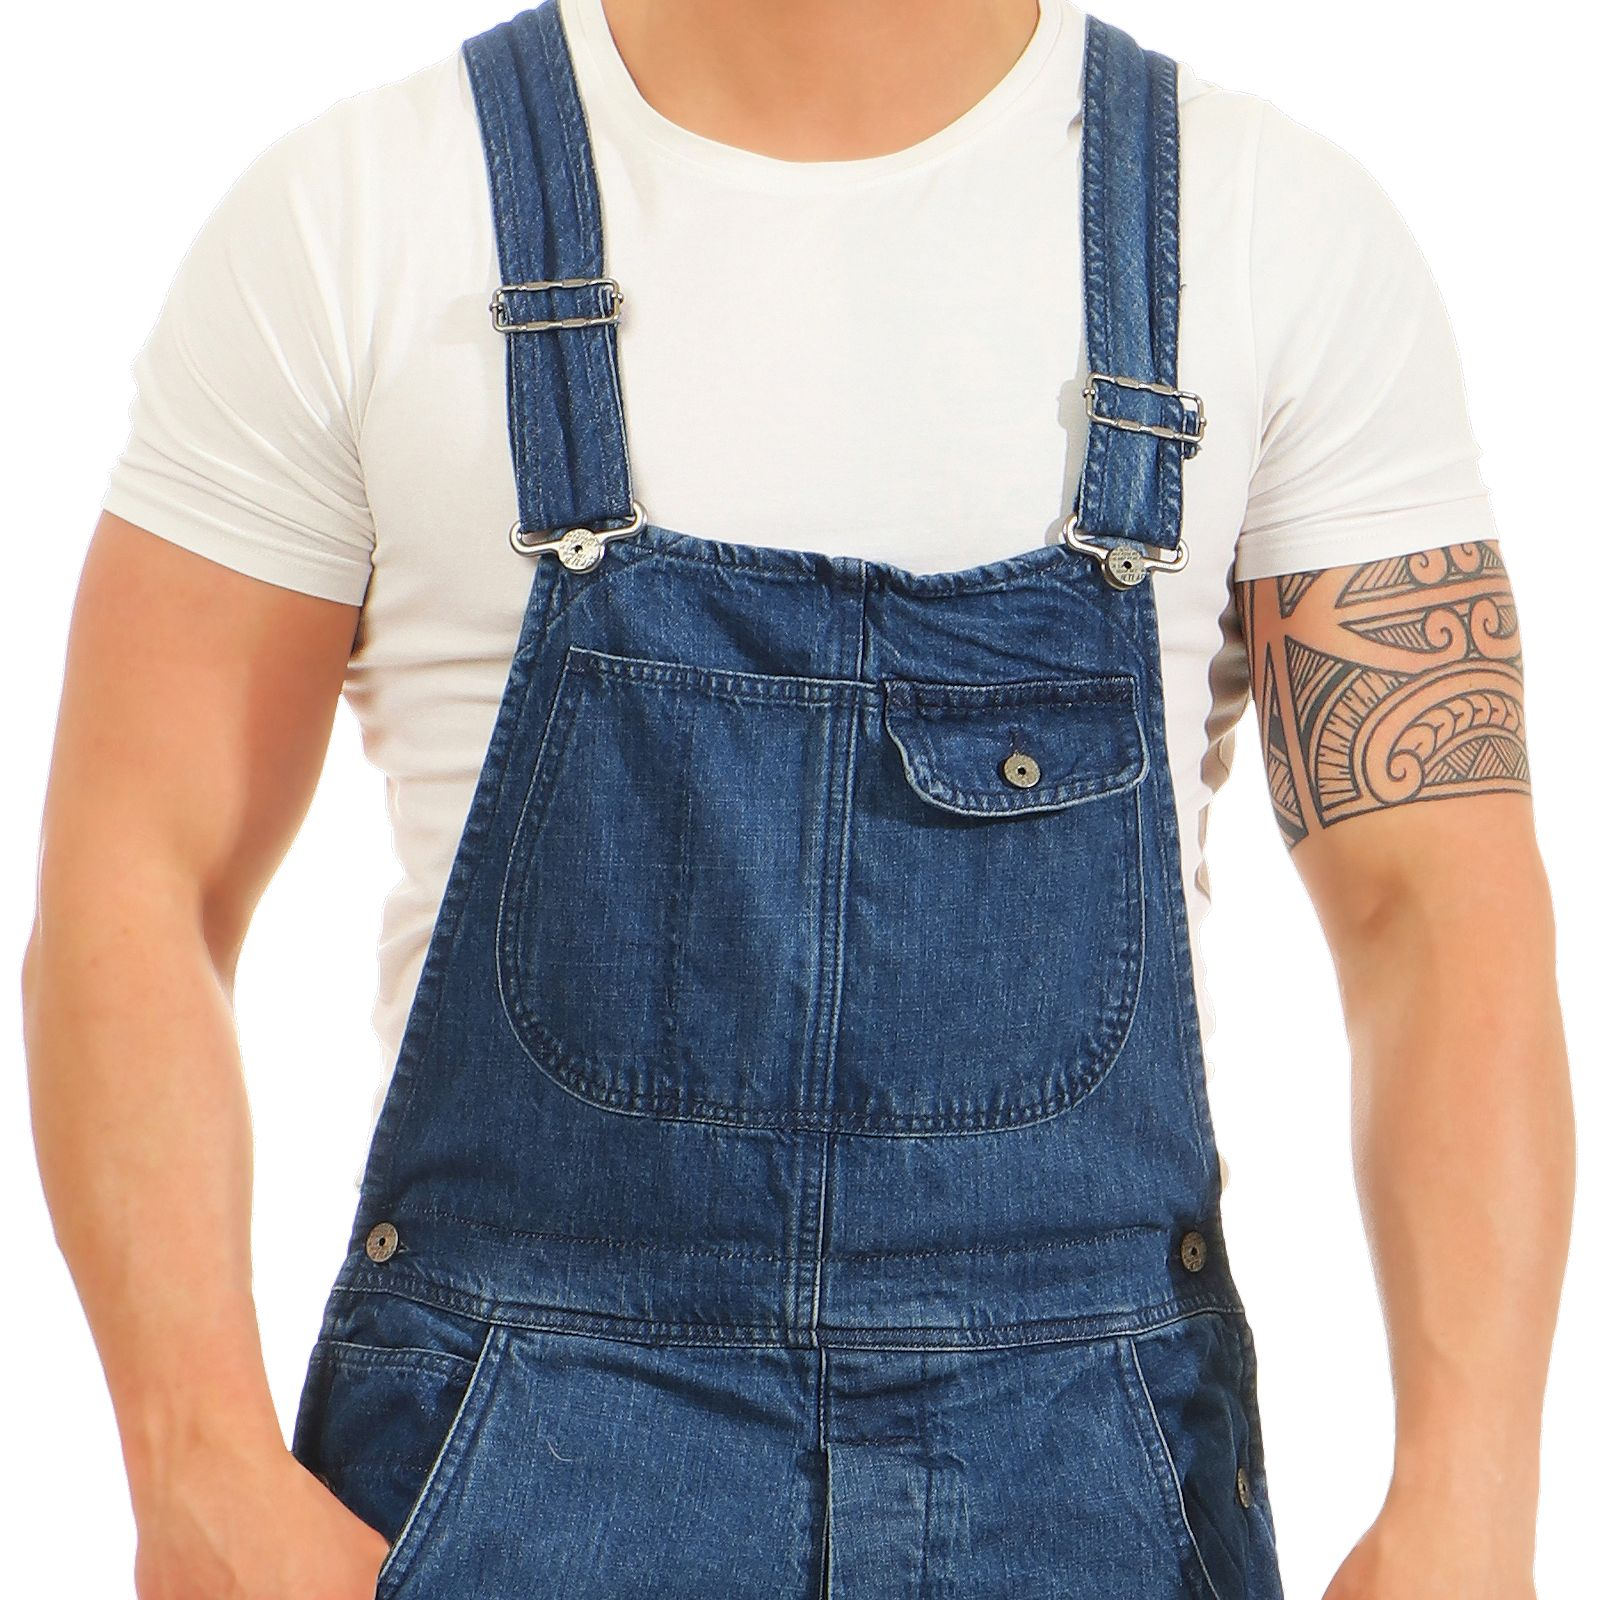 Jet LAG Men's Jeans Jumpsuit A Shorts Dungarees Onesie Denim Pants Bermuda   eBay